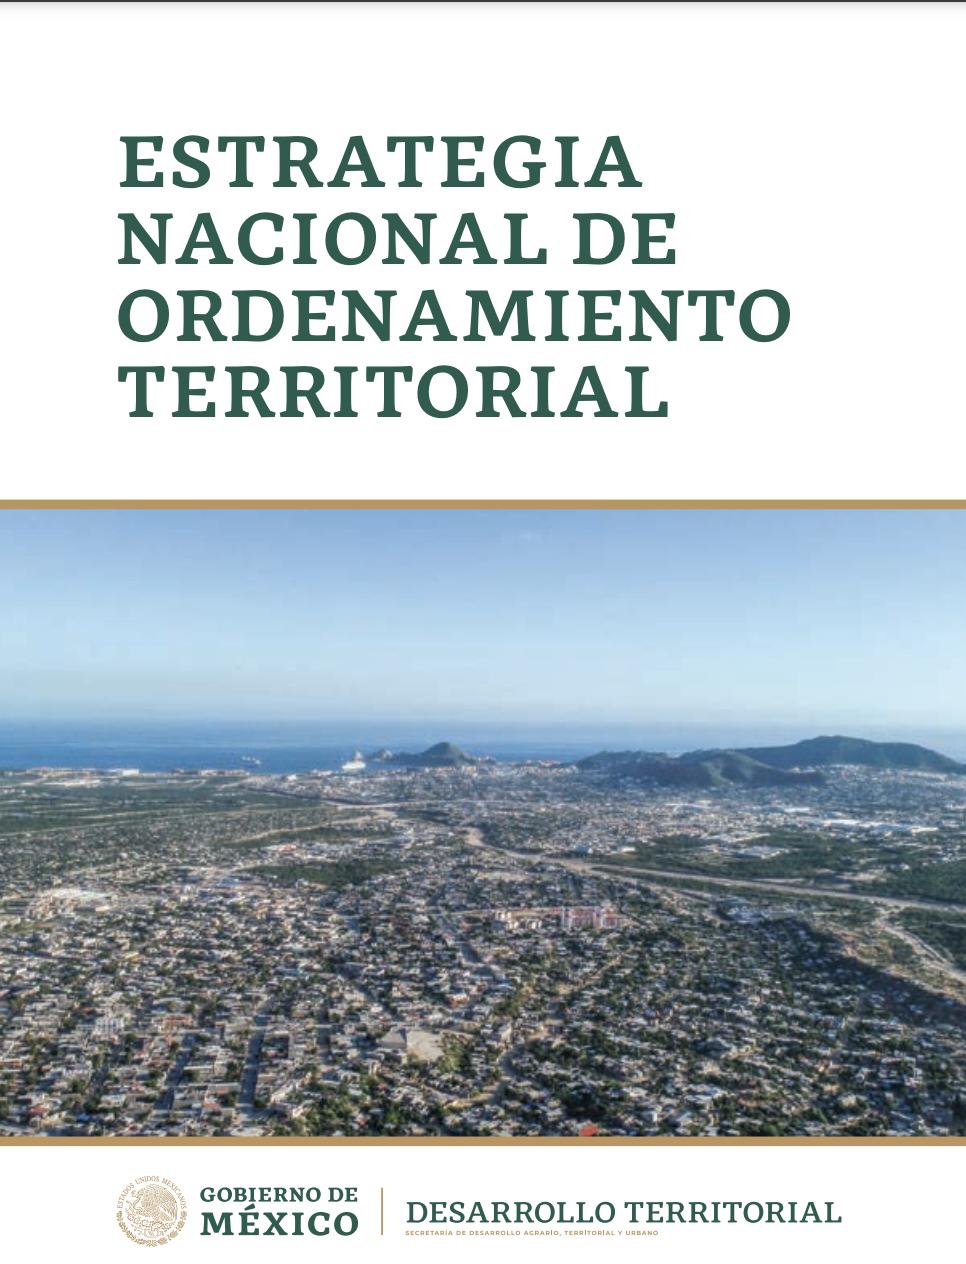 Secretaría de Desarrollo Agrario, Territorial y Urbano- Estrategia Nacional de Ordenamiento Territorial (ENOT)